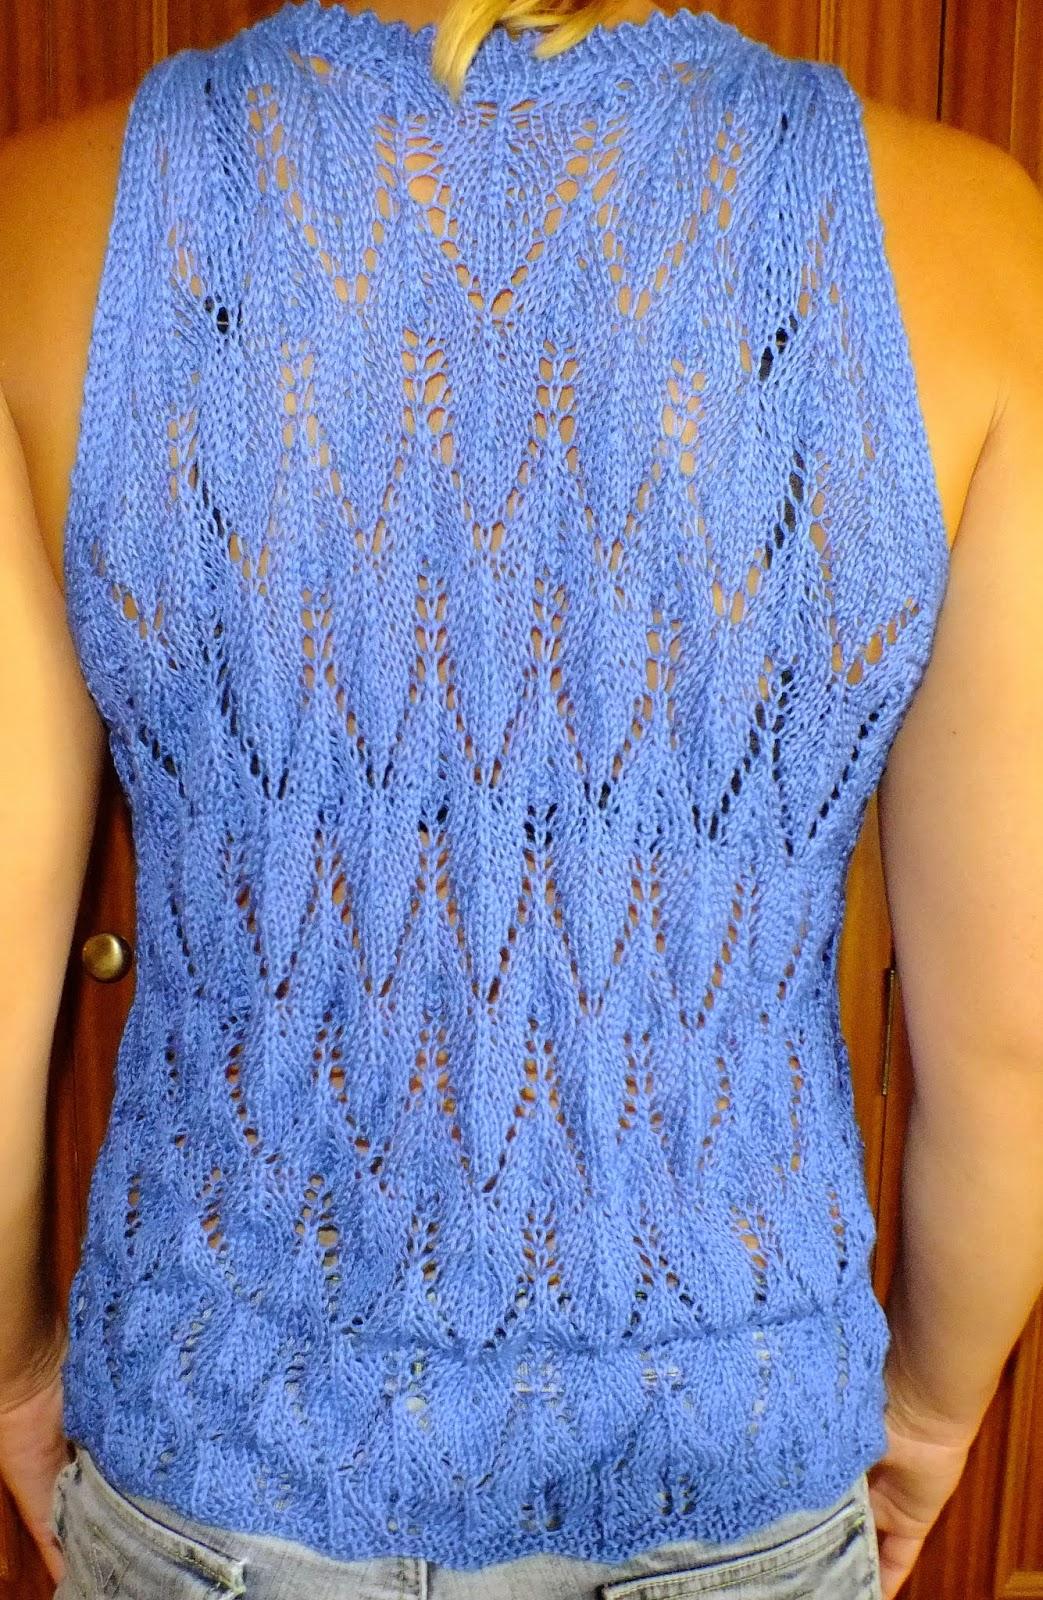 Mis labores jersey de verano hecho a mano - Jerseys faciles de hacer ...